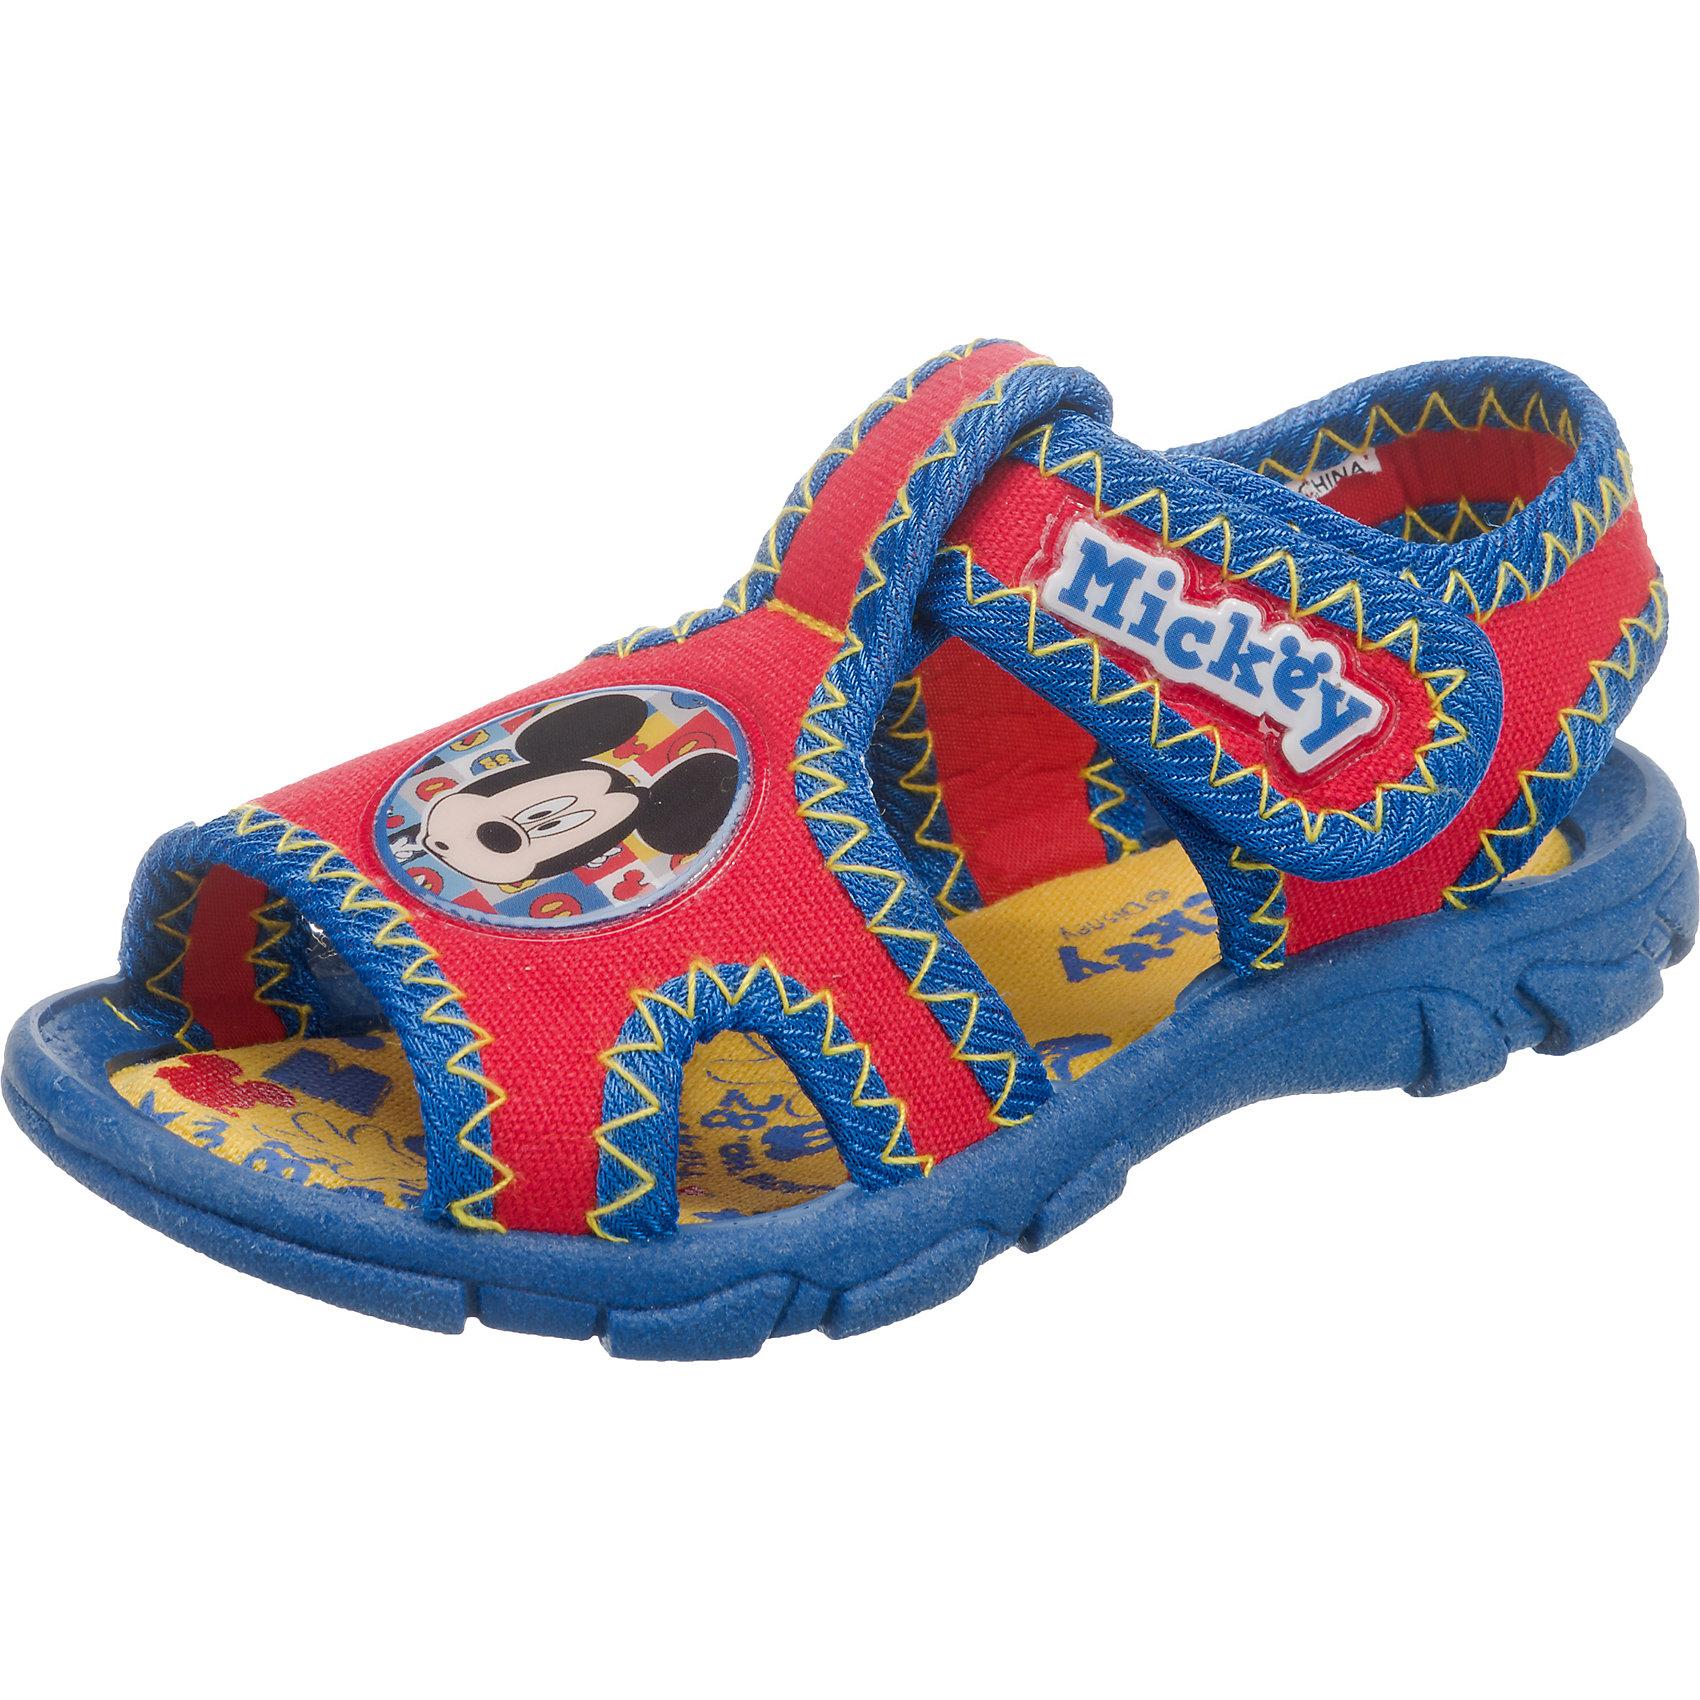 Neu Disney Mickey Mouse /& friends Sandalen für Jungen 7215985 für Jungen